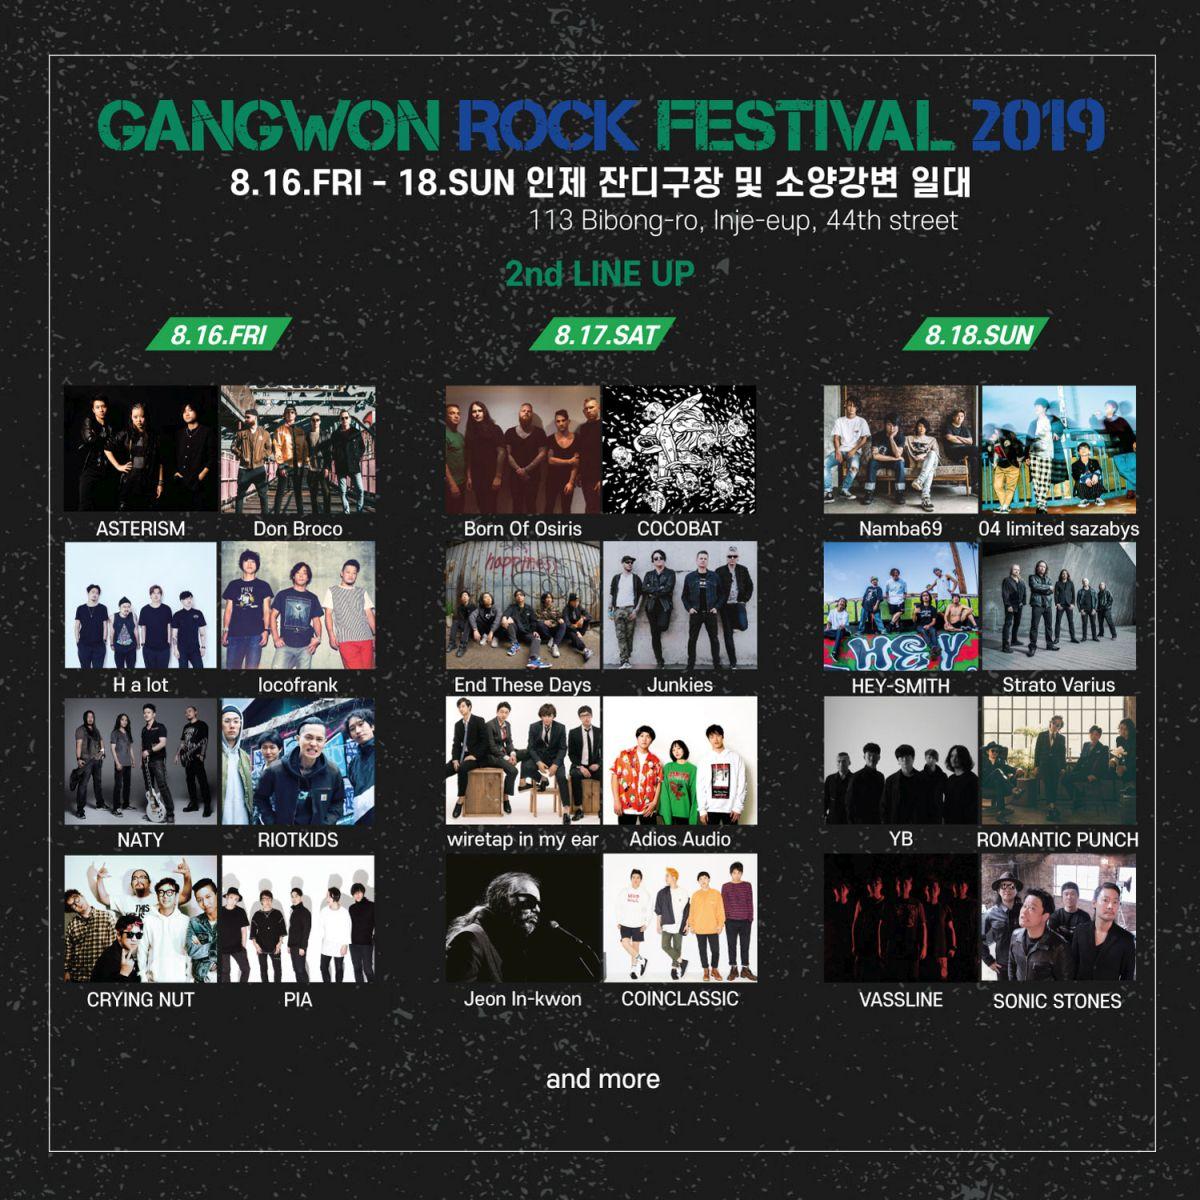 GangwonLineUP